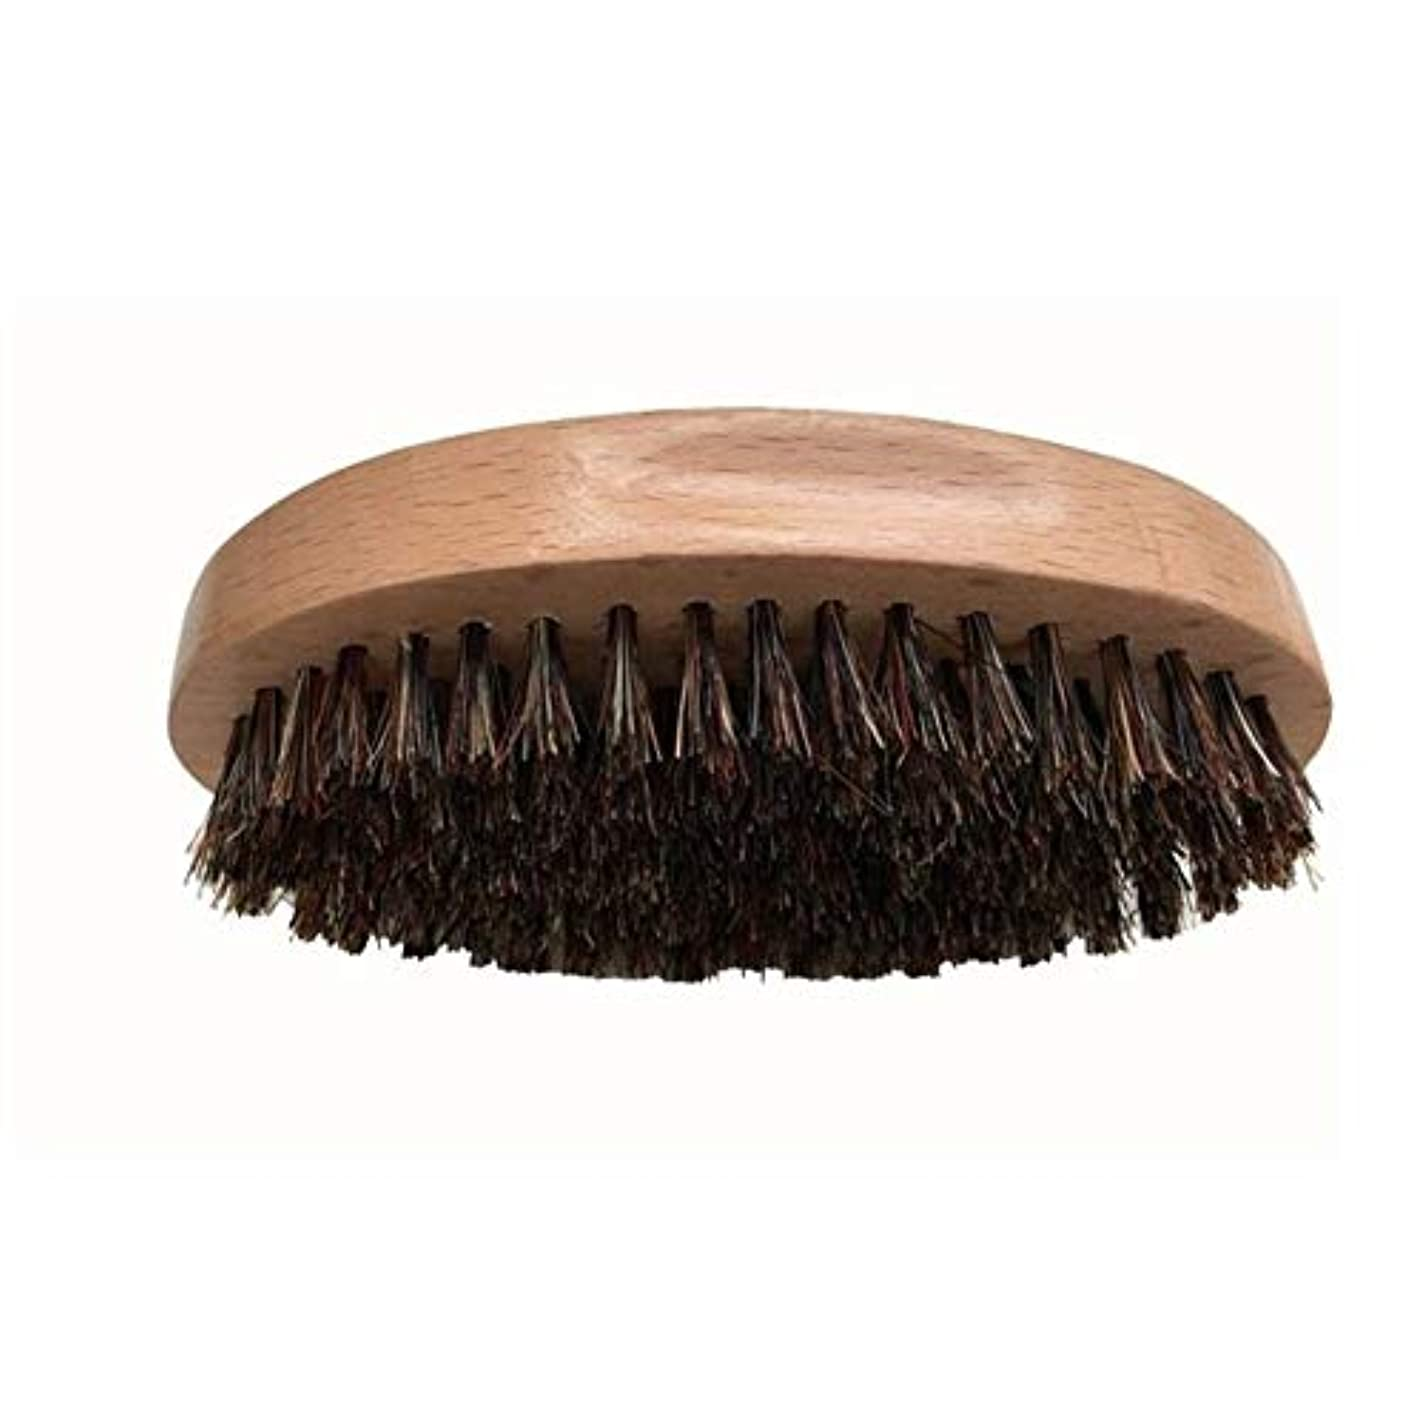 放射能意味のある男シェービングブラシ 男性 口ひげ ひげブラシ ラウンド櫛 メンズシェービングツール 理容 洗顔 髭剃り 泡立ち